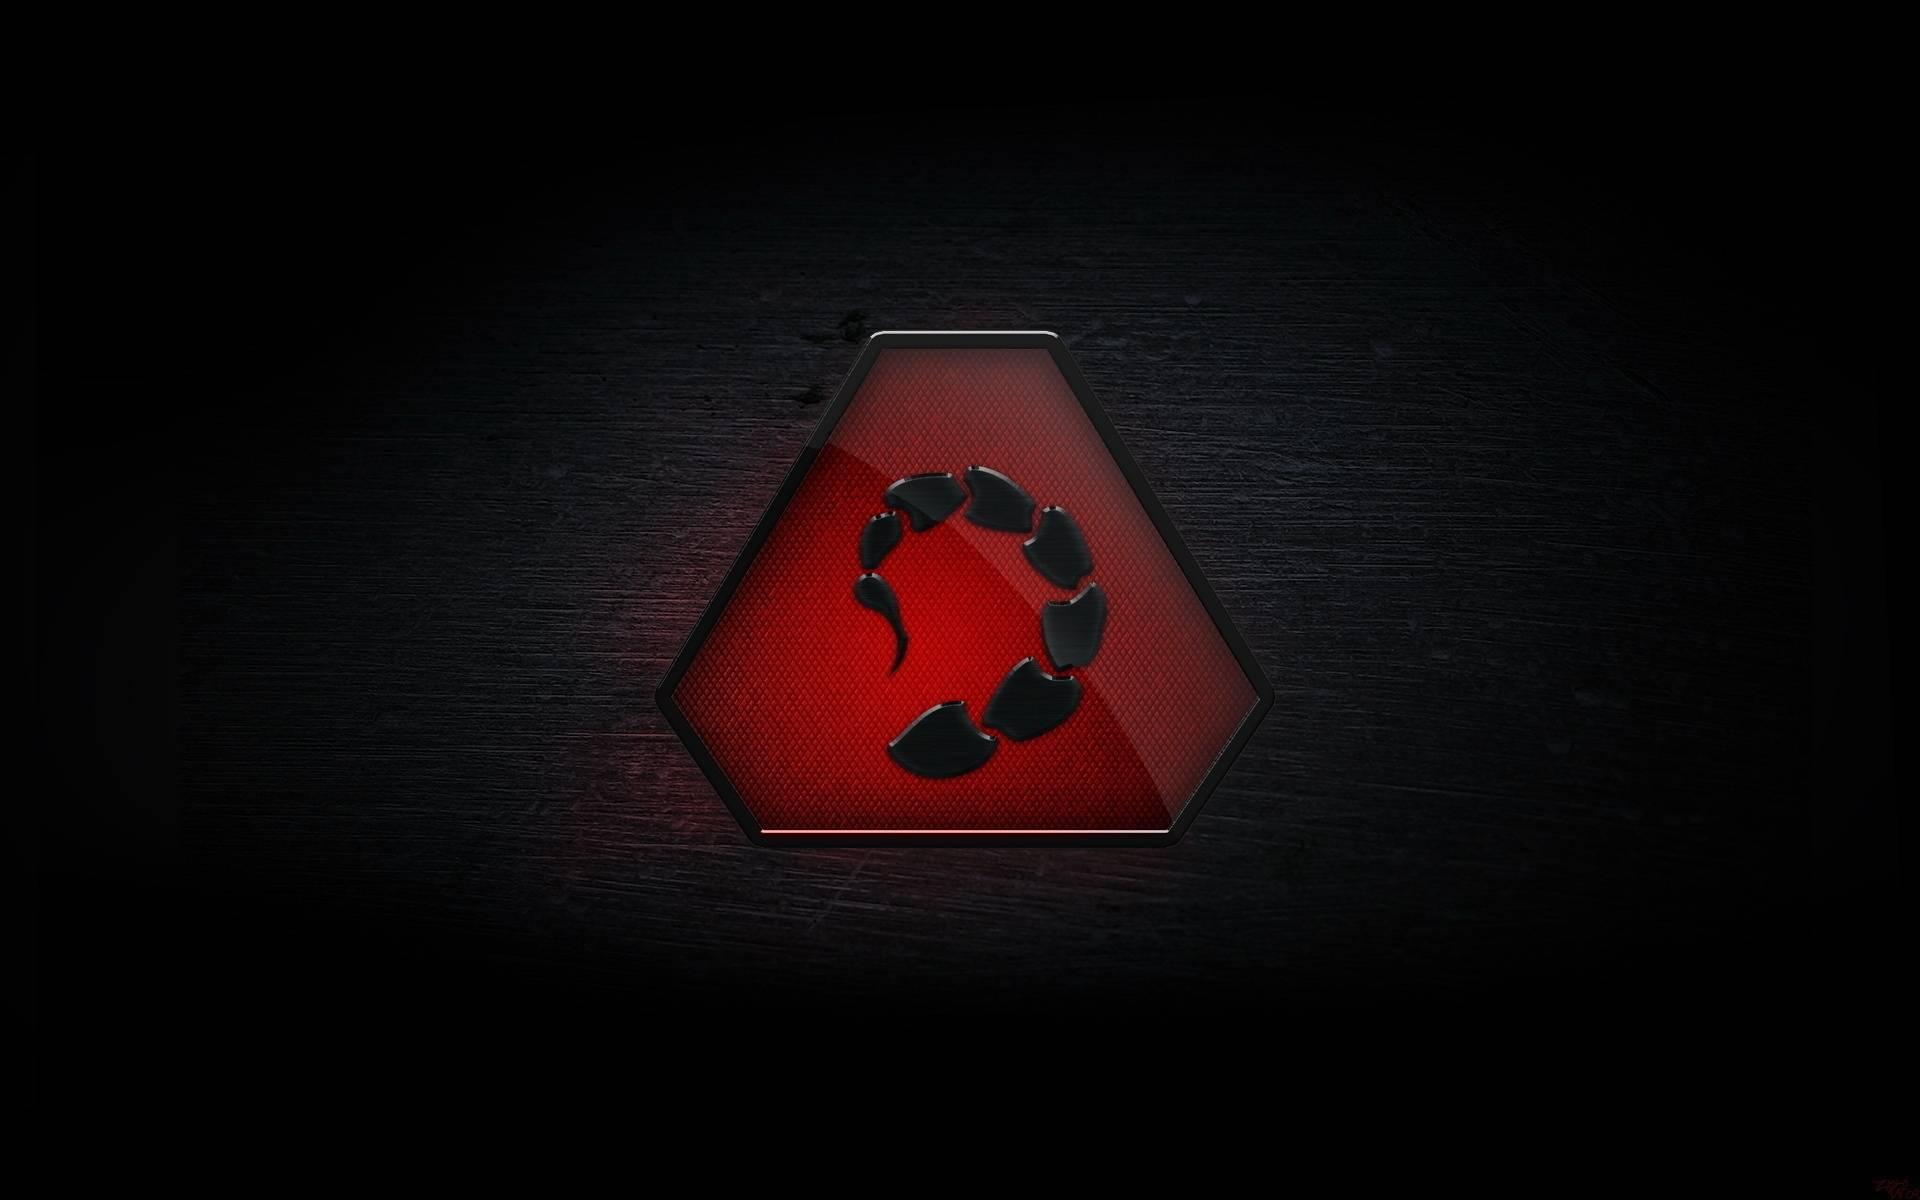 значок, хвост скорпиона, фон черный